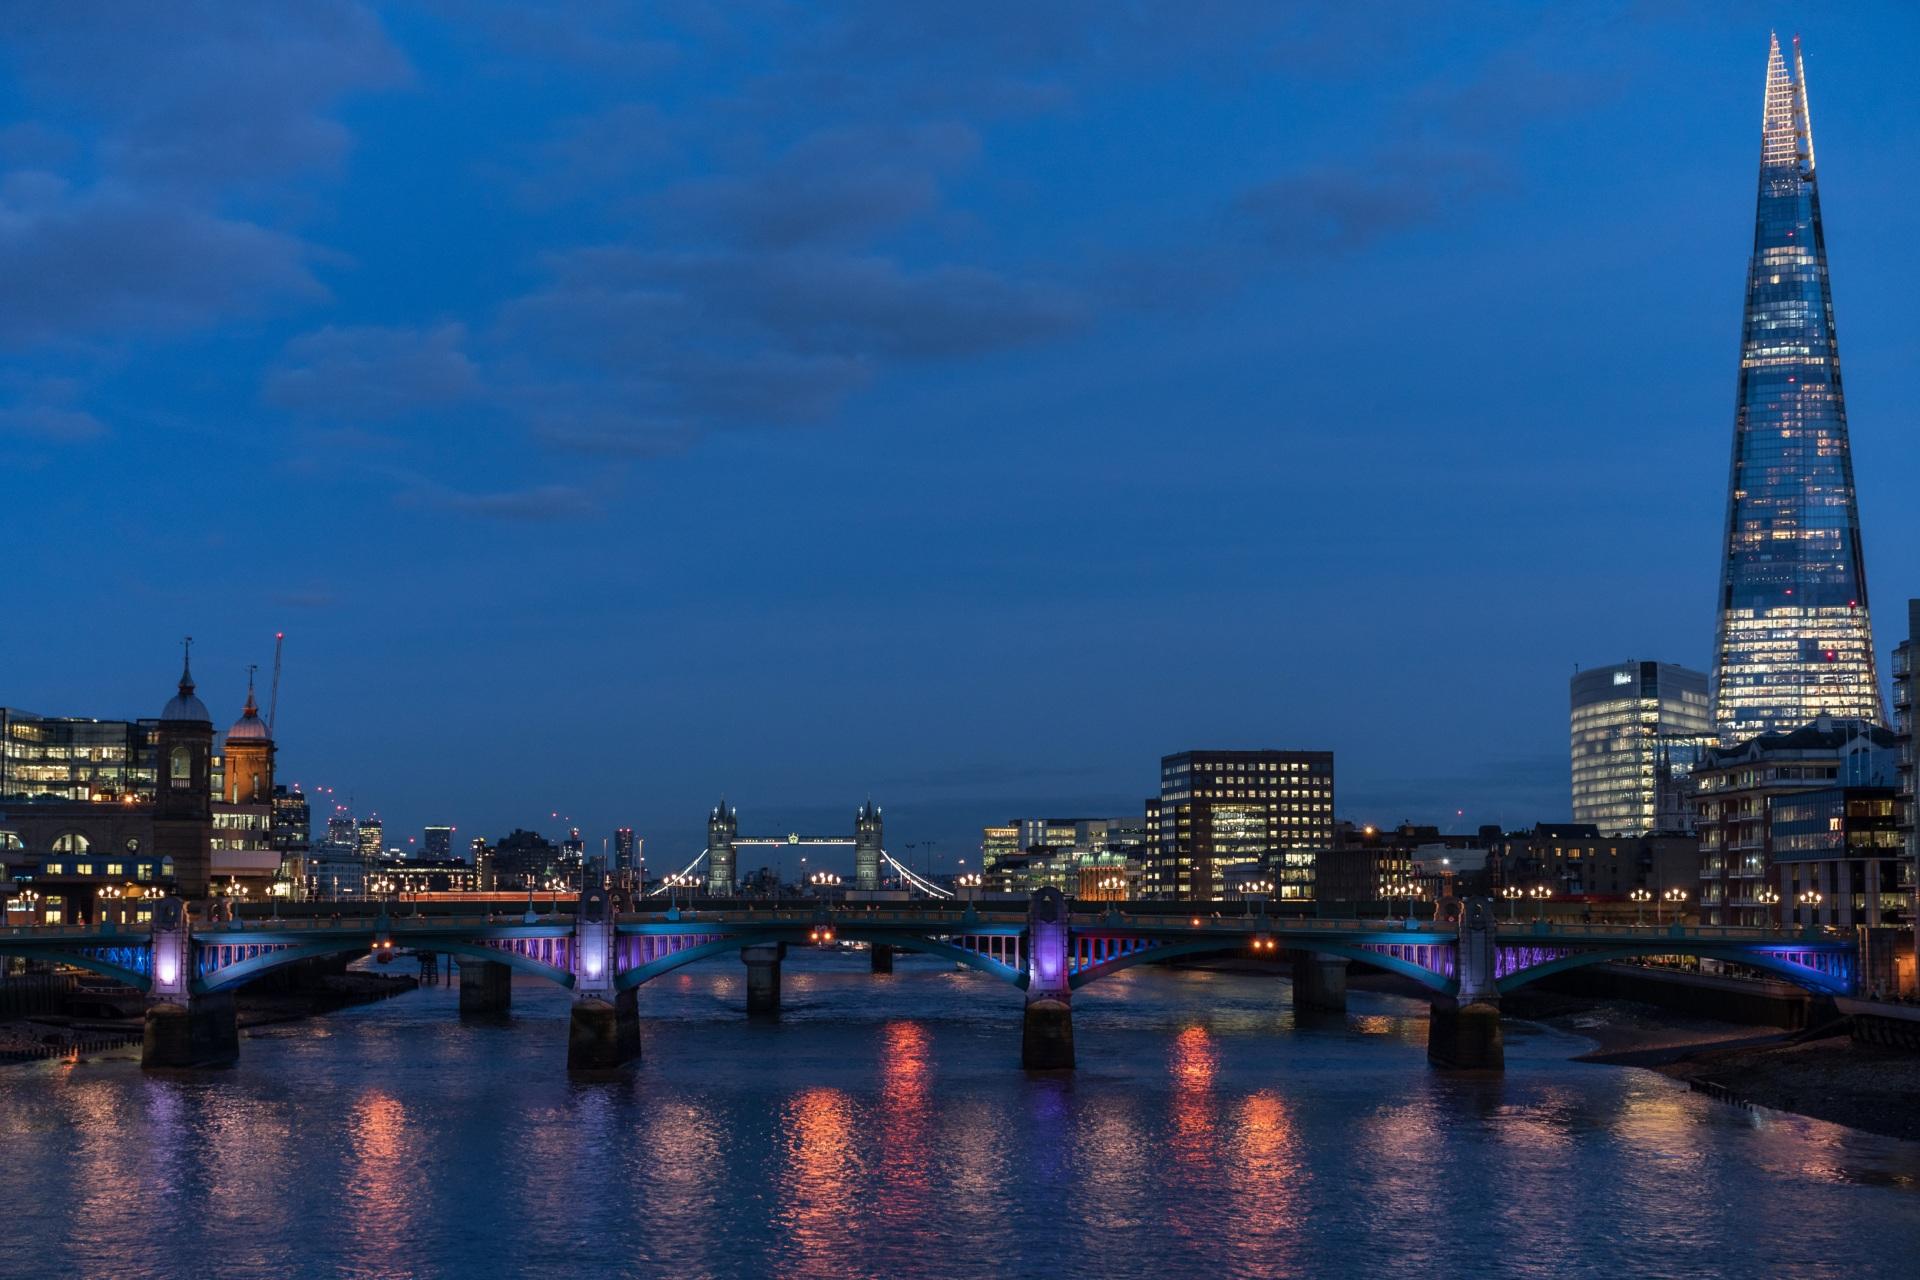 Фото Лондон Англия мост Реки Вечер Города Здания 1920x1280 лондоне Мосты река речка Дома город